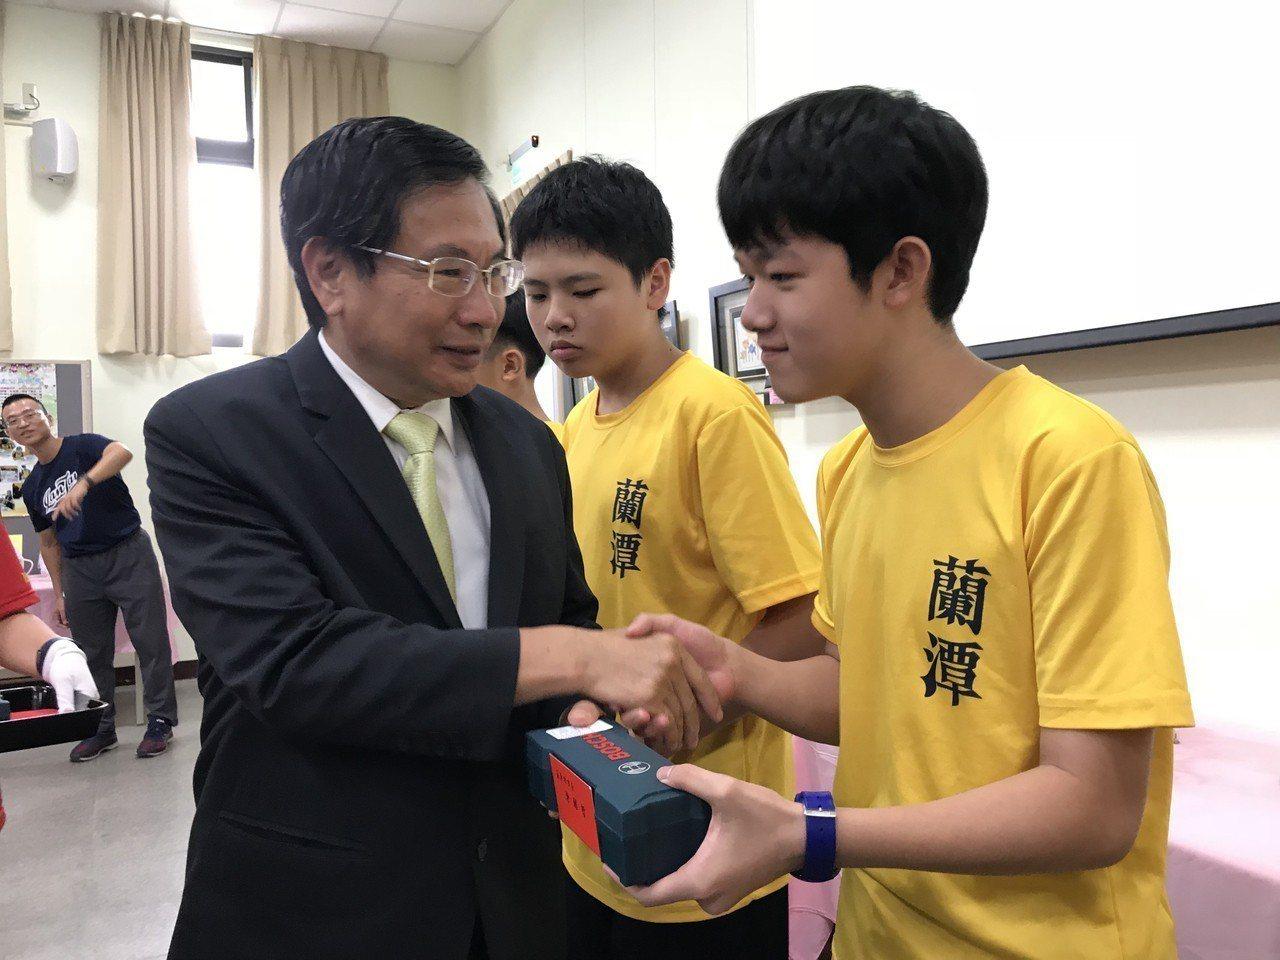 嘉義市蘭潭國中成立科技隊,今年暑假前往南京參加兩岸青少年科技創作競賽,勇奪「仿生...